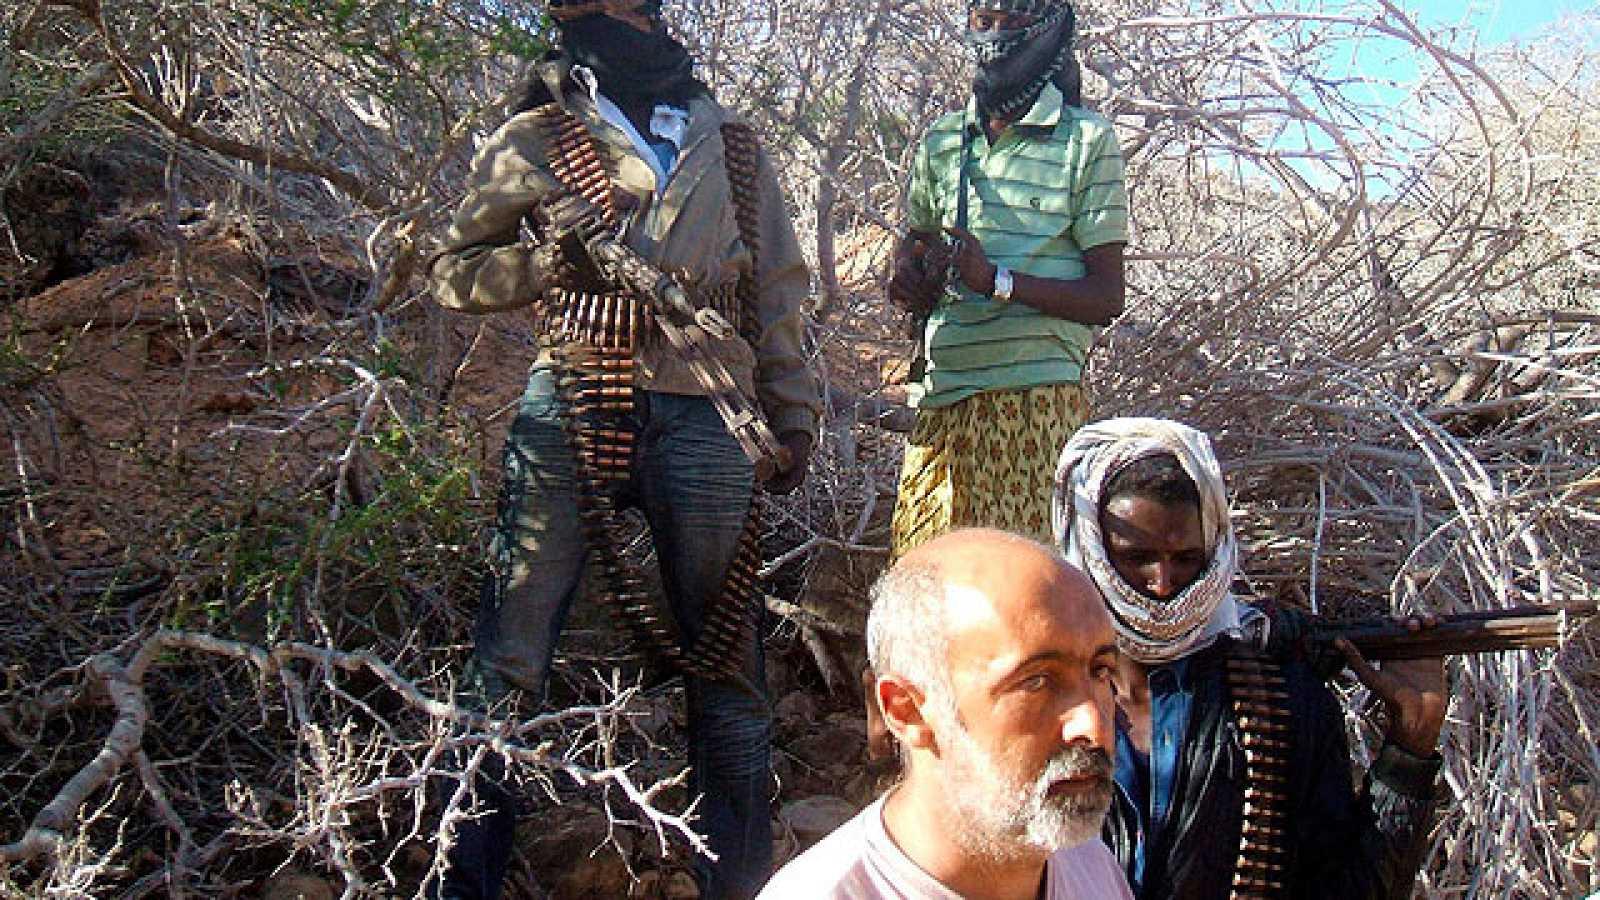 Liberados los dos marineros gallegos secuestrados por piratas somalíes